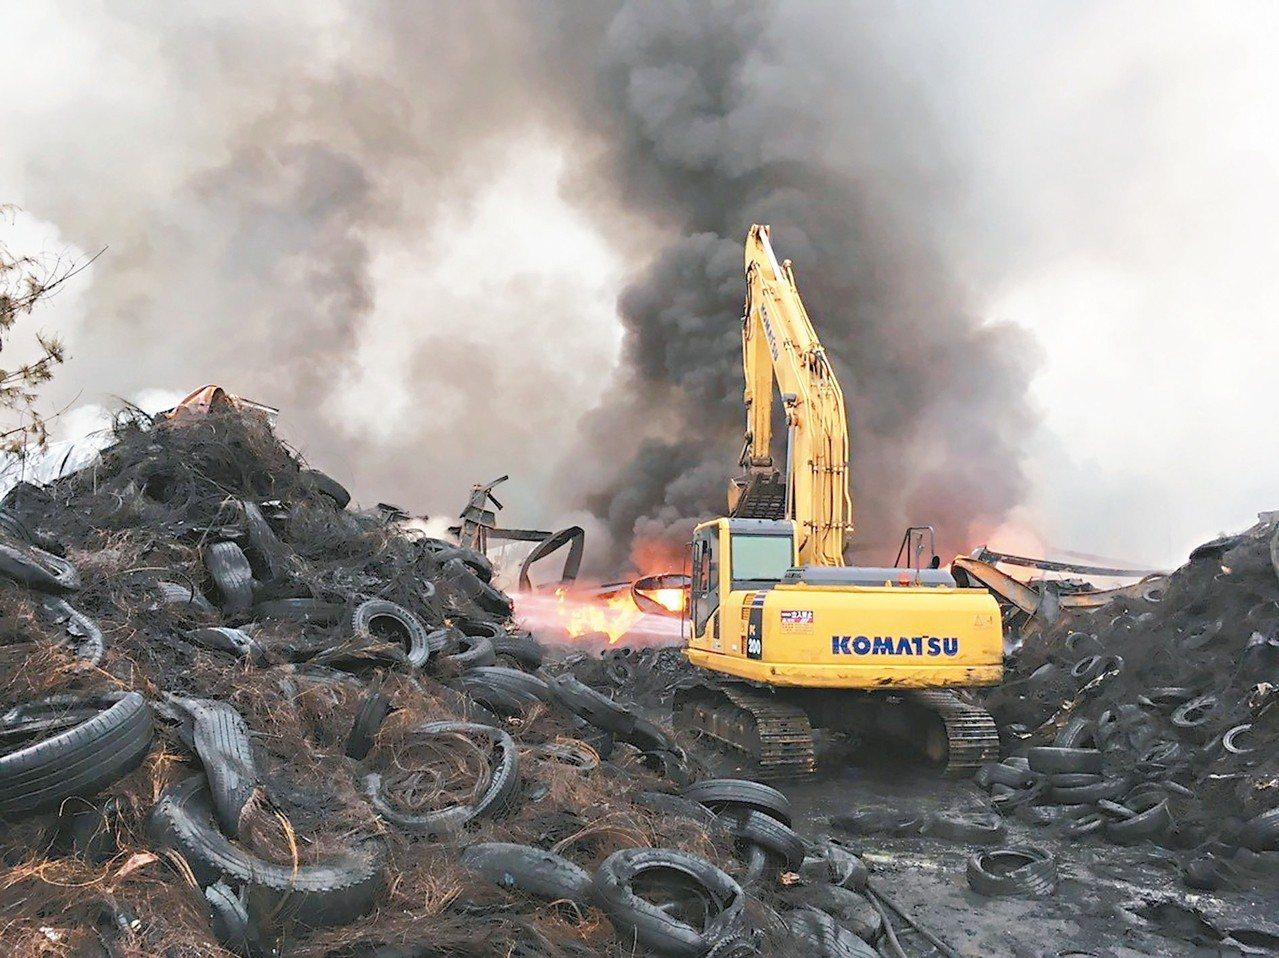 台中市后里廢輪胎堆置場日前大火,產生嚴重空汙。 圖/聯合報系資料照片